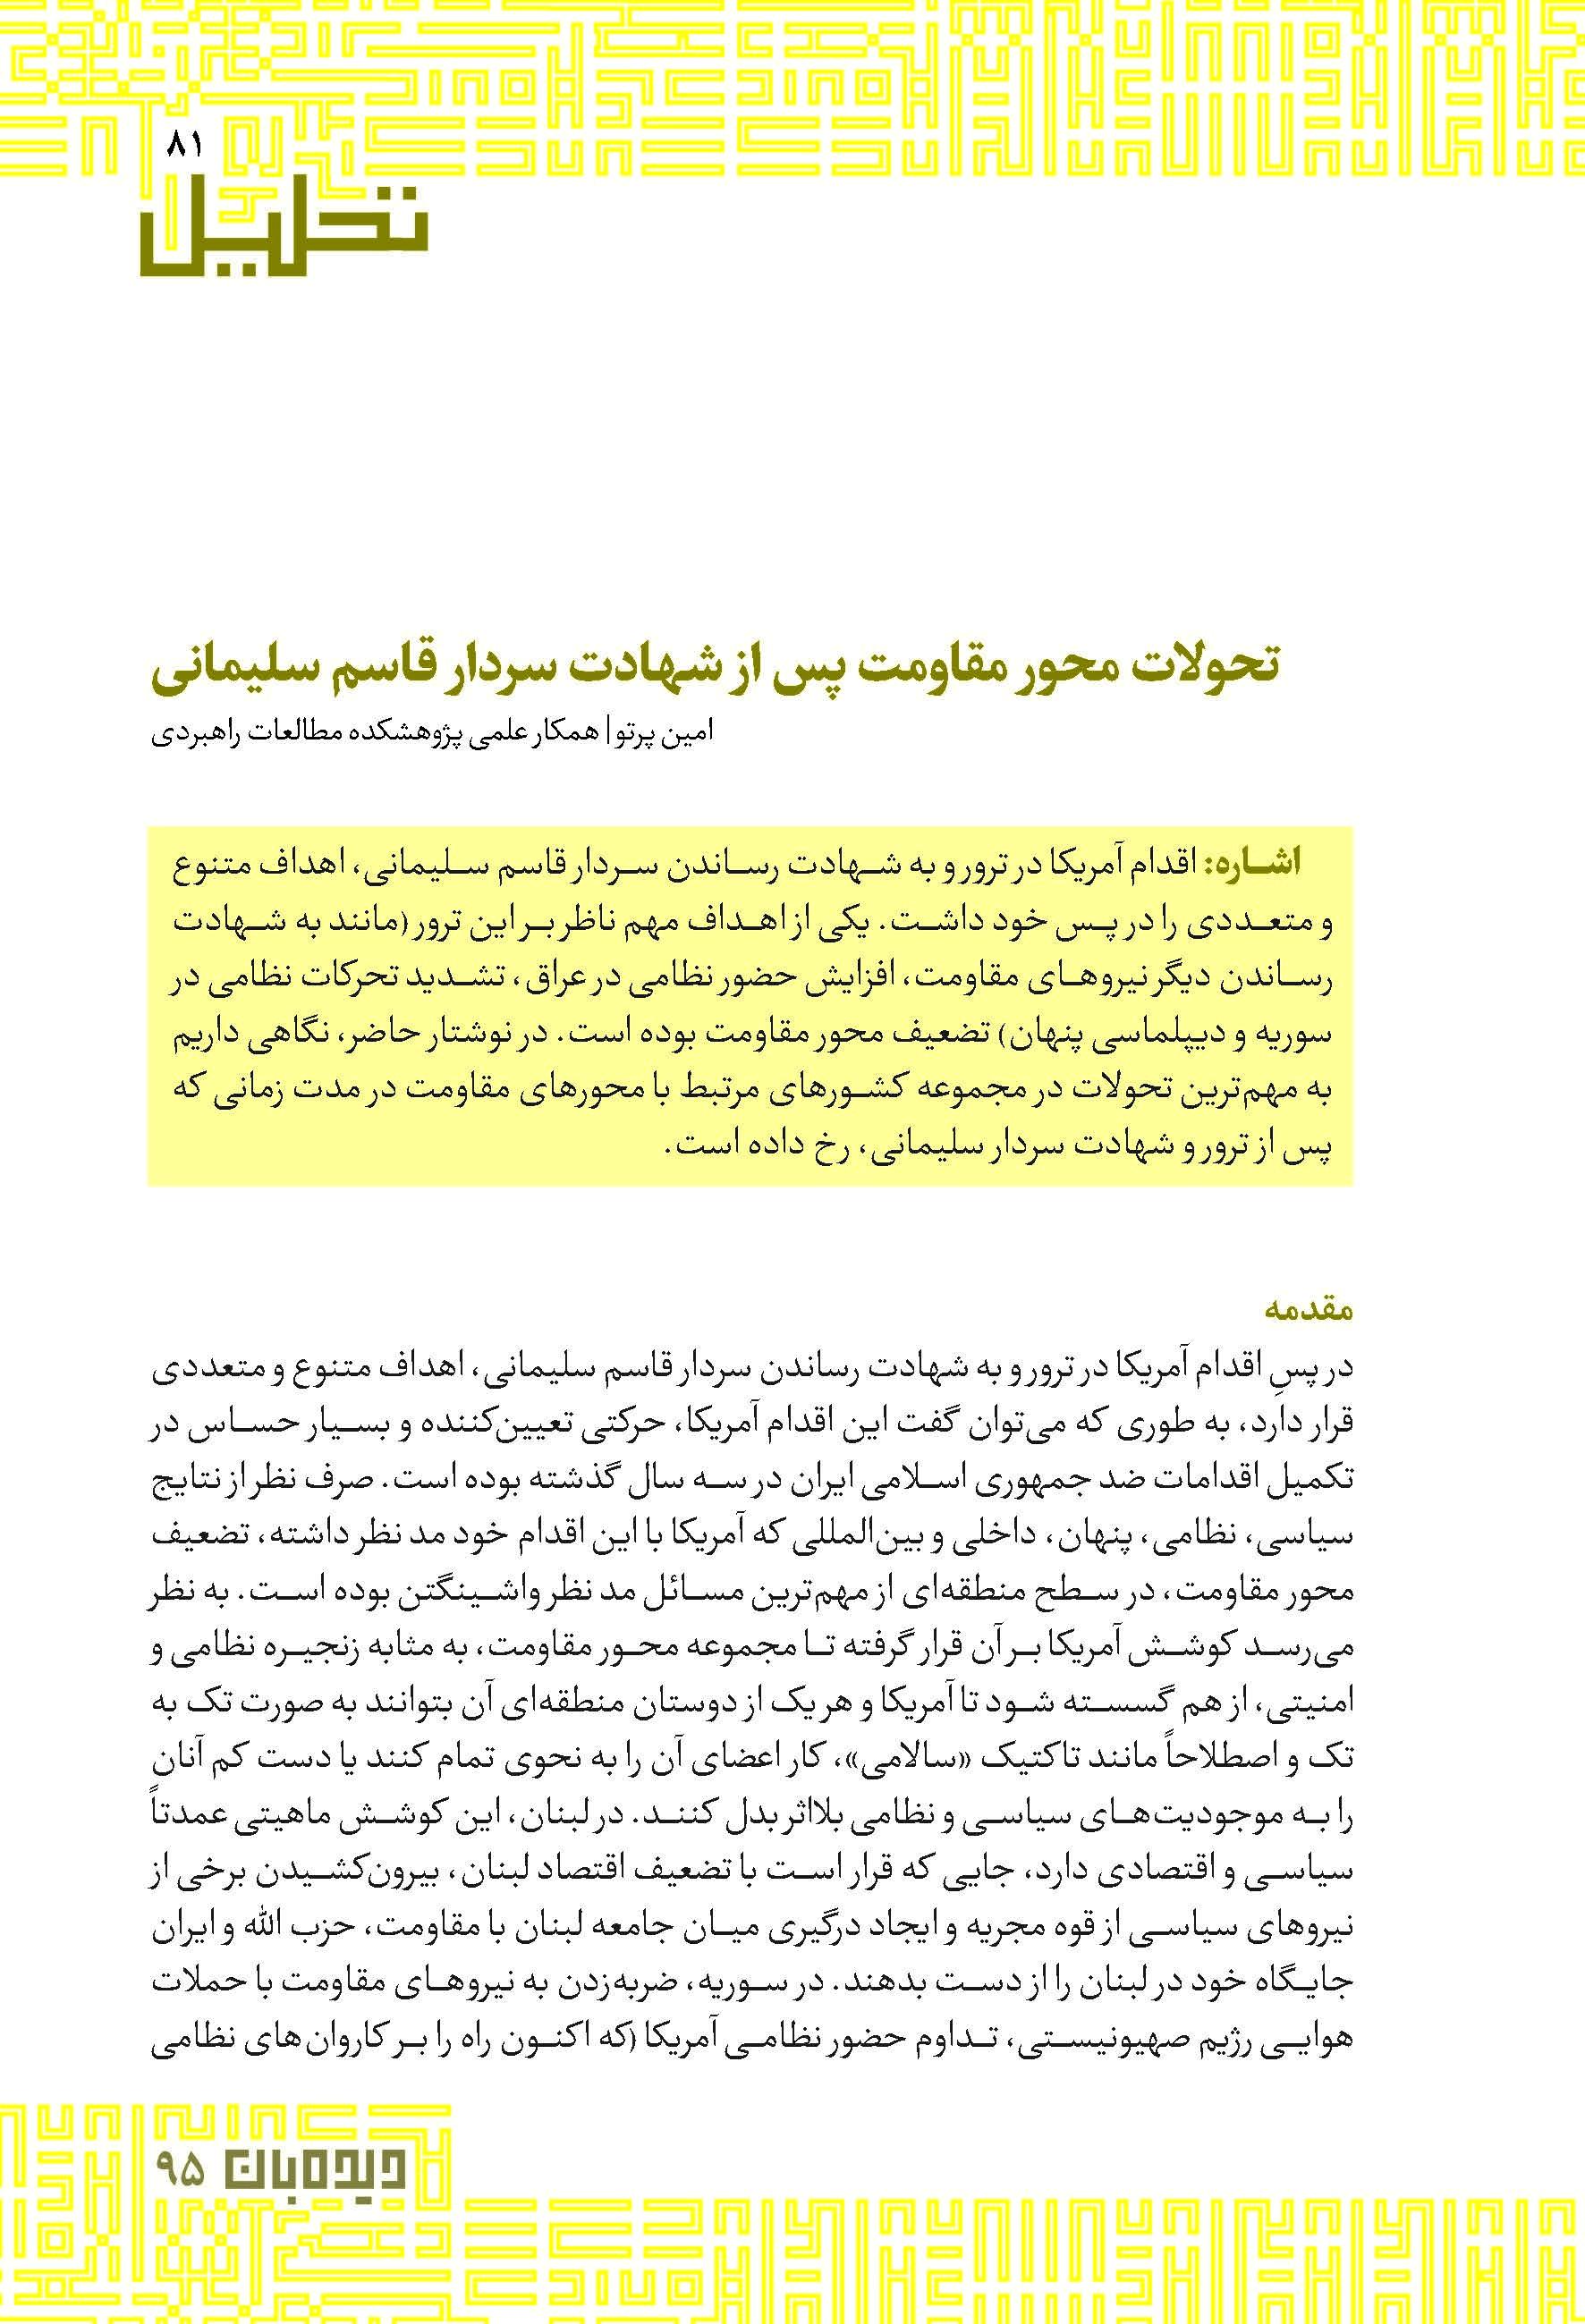 تحولات محور مقاومت پس از شهادت سردار قاسم سلیمانی